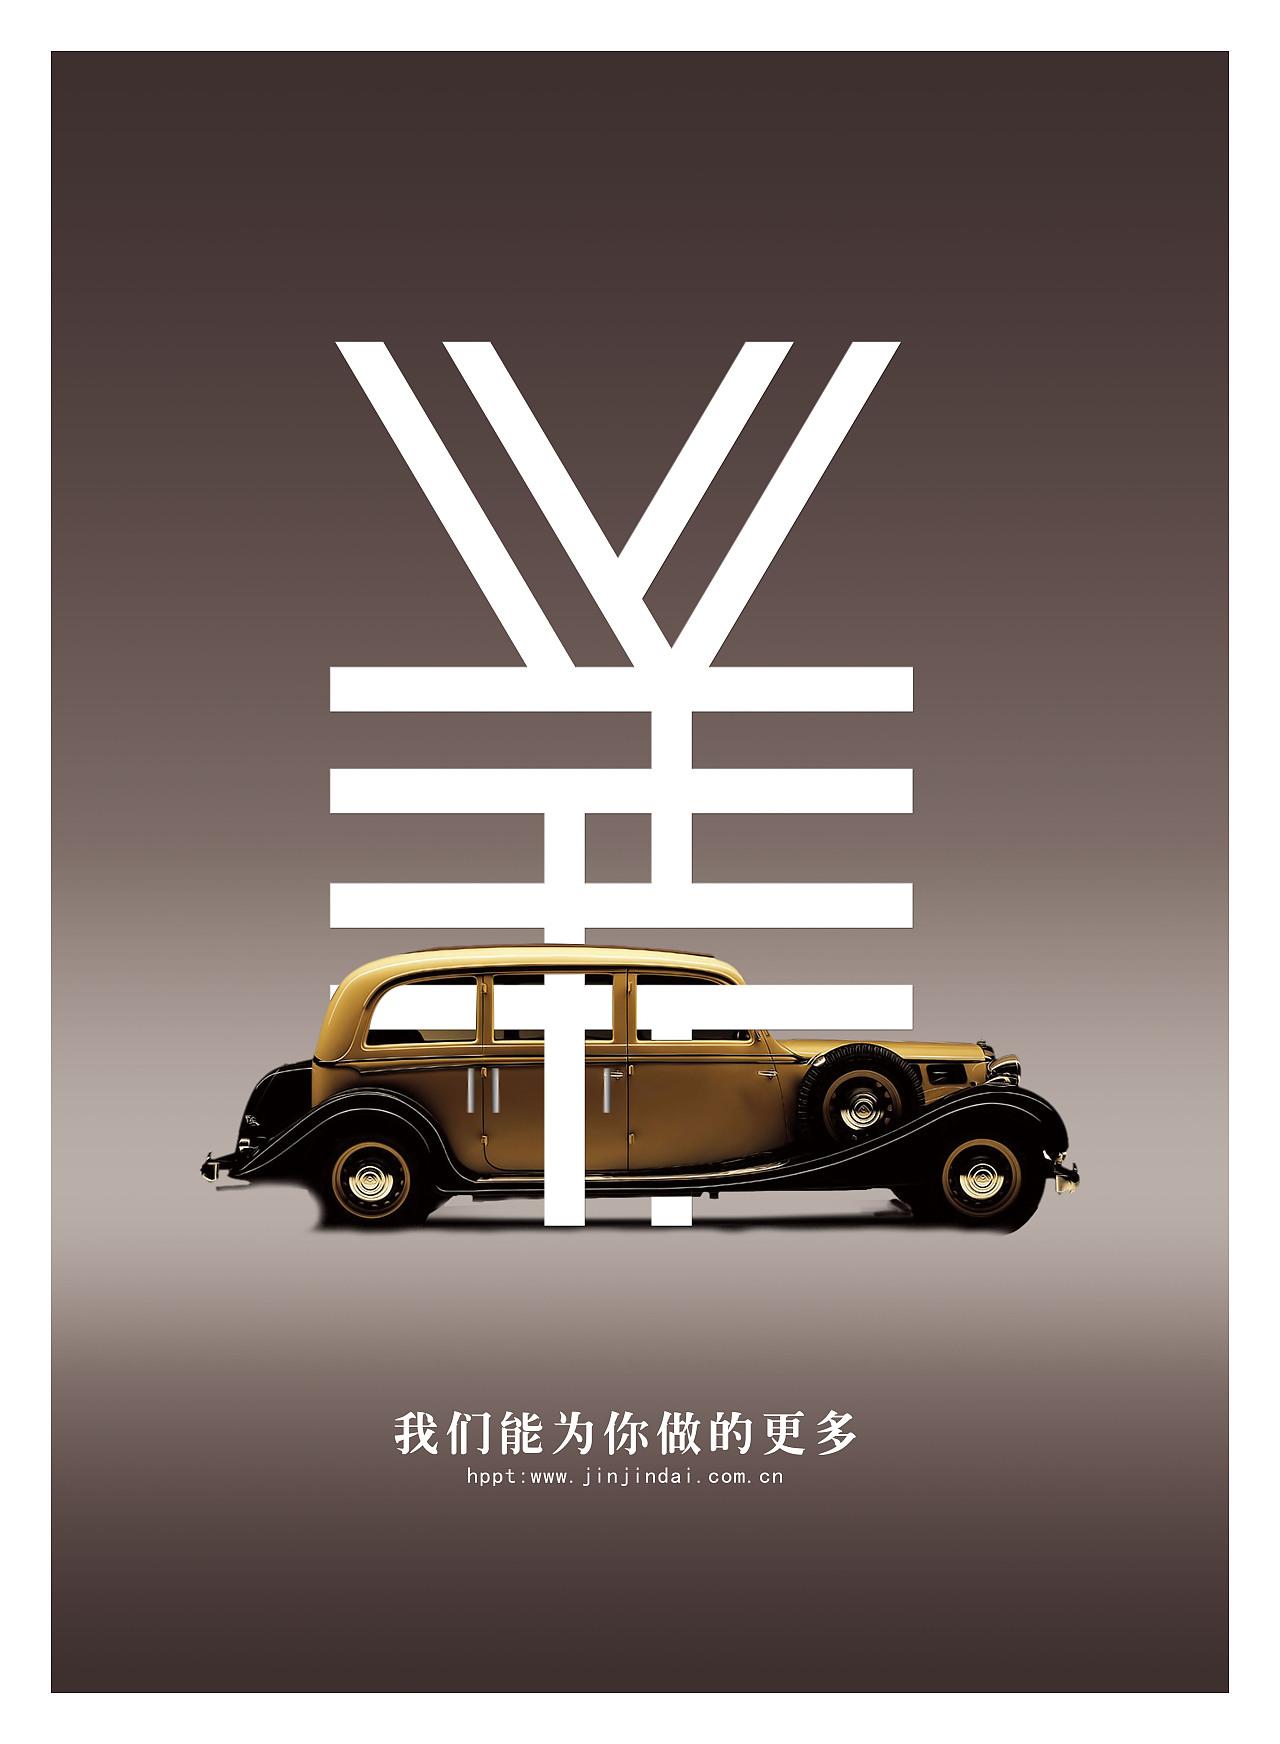 招行车易_车易贷 海报